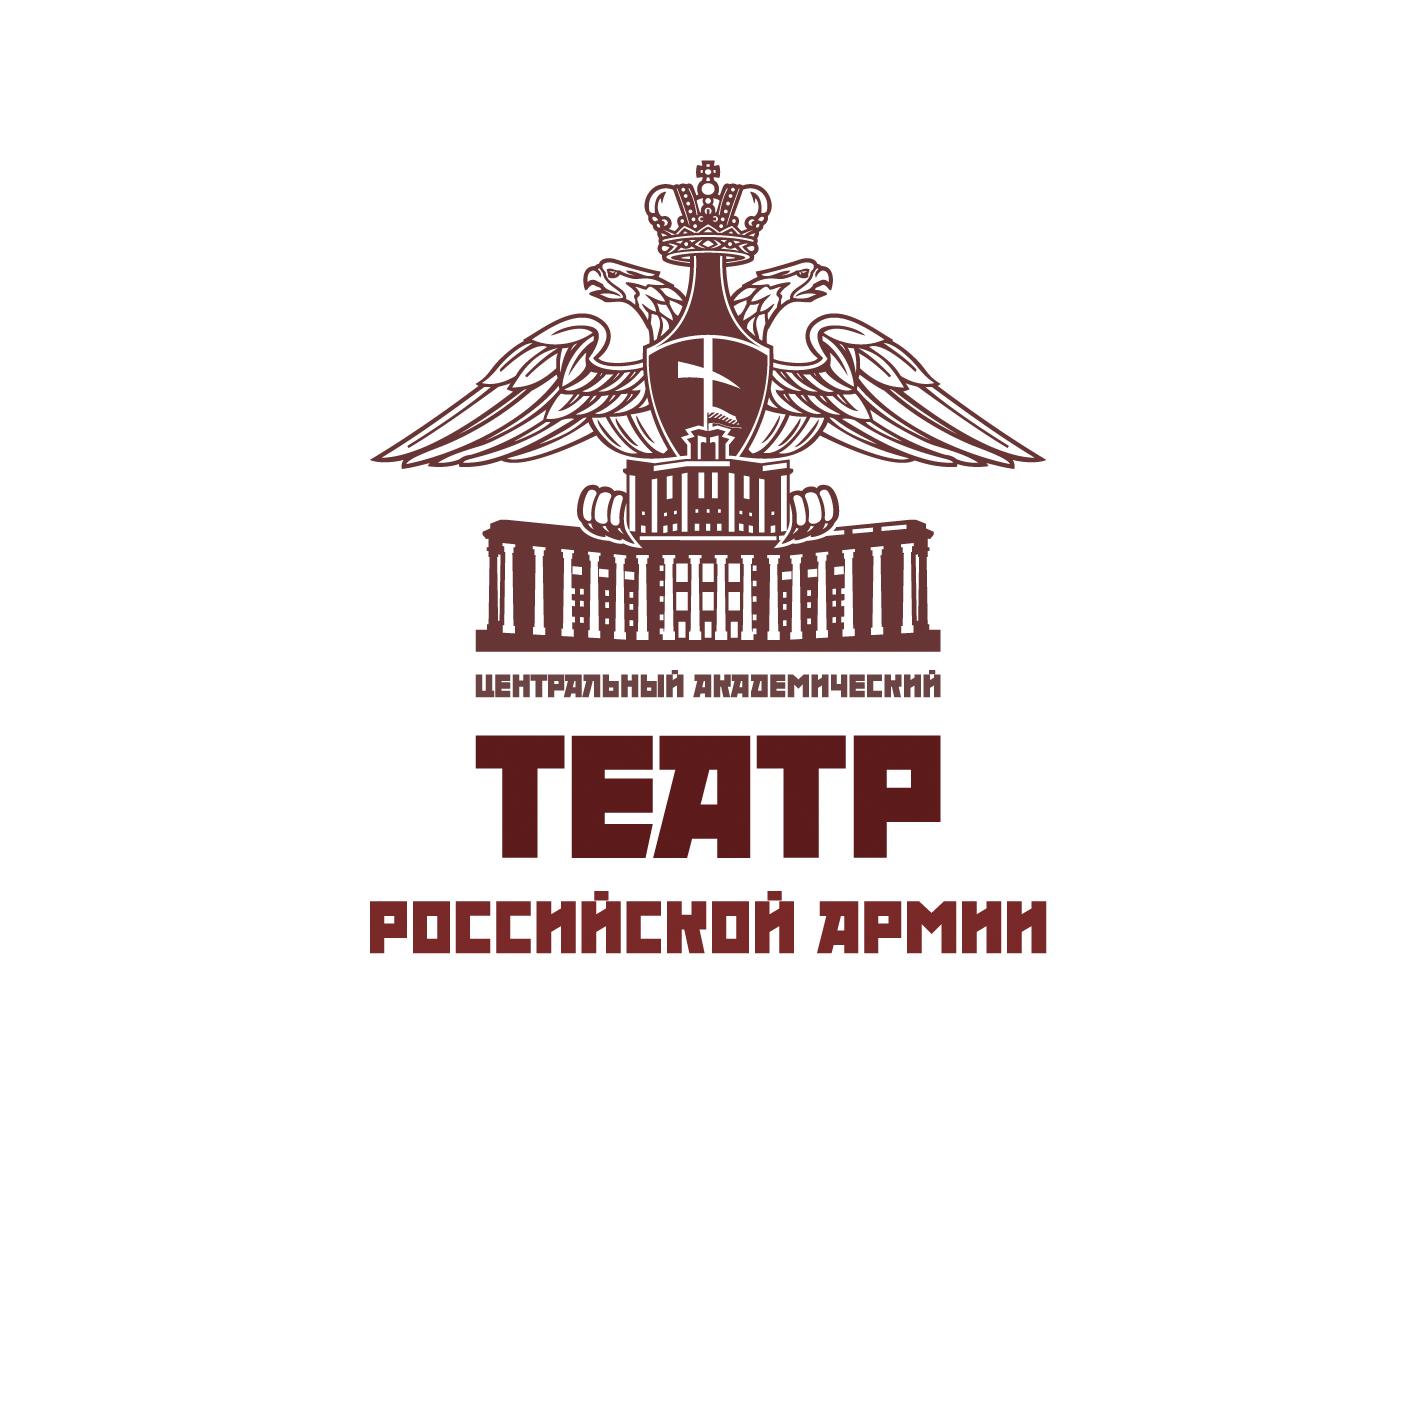 Разработка логотипа для Театра Российской Армии фото f_8135882a1bb8d1db.png